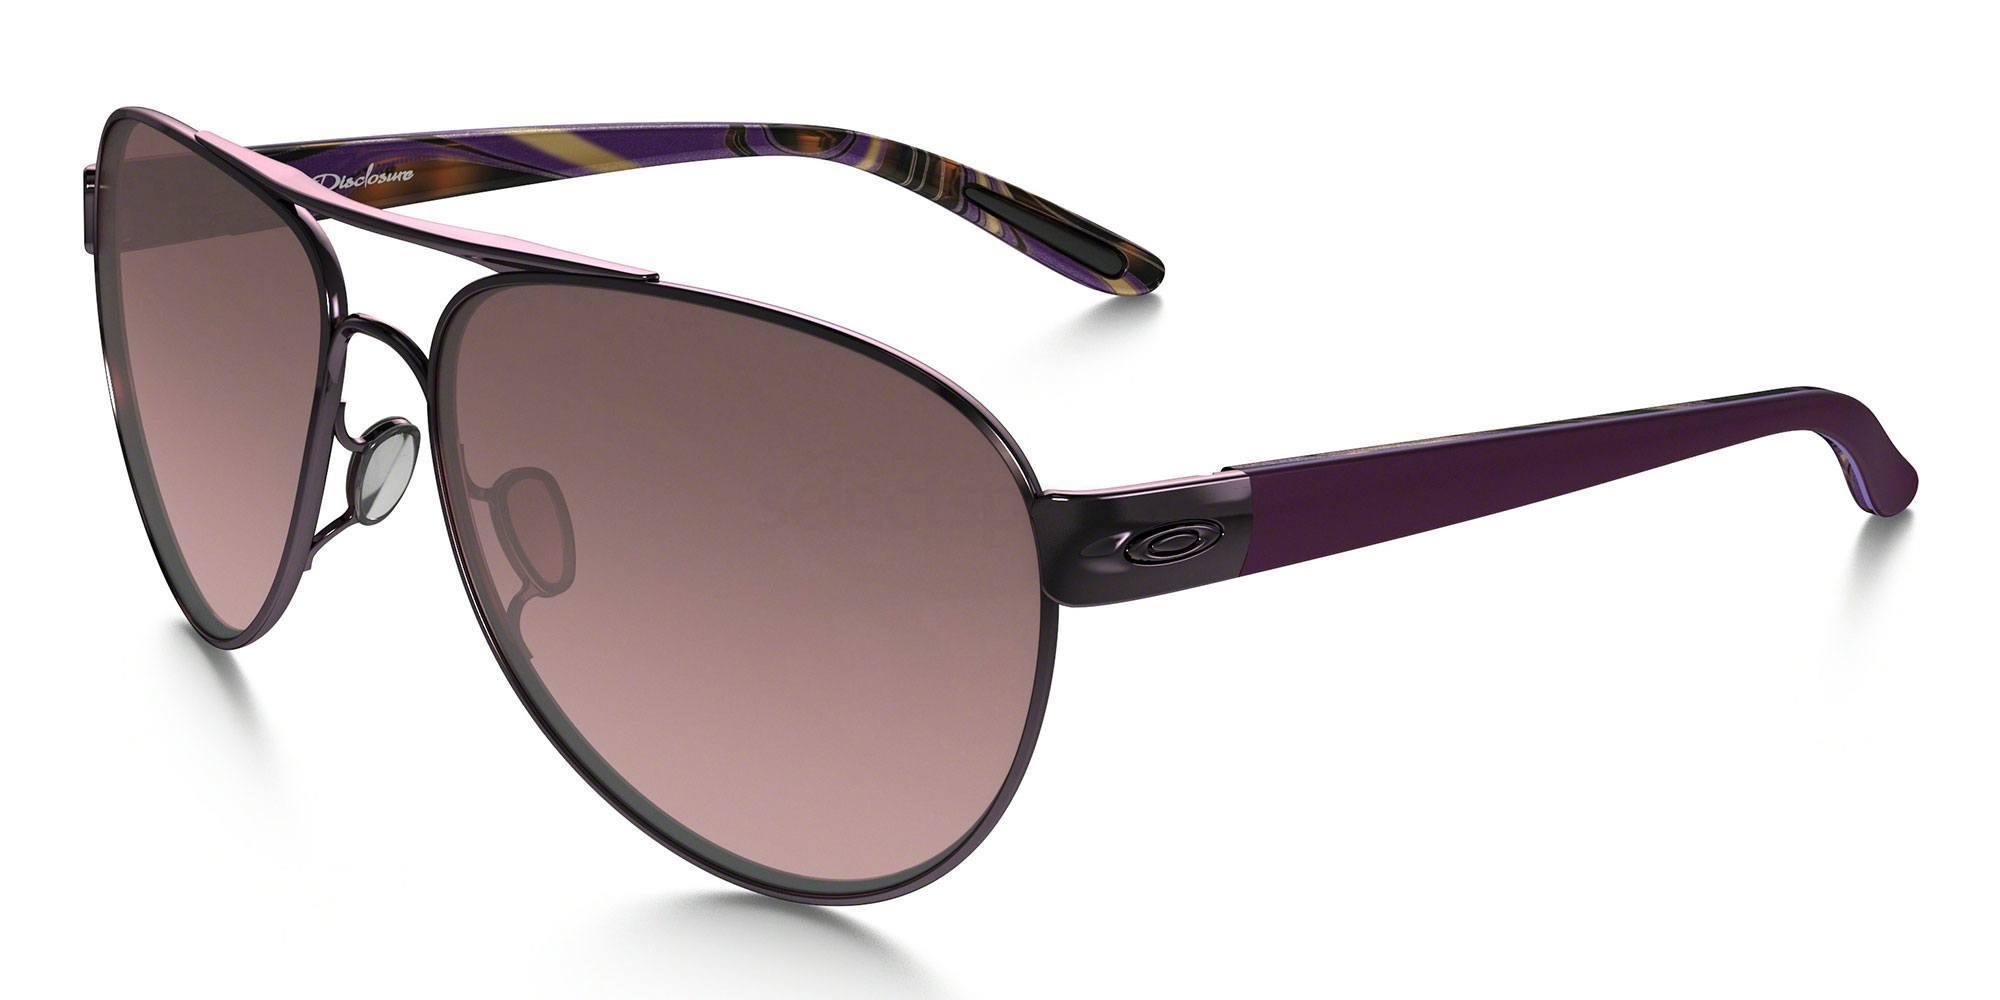 411001 OO4110 DISCLOSURE (Standard) Sunglasses, Oakley Ladies